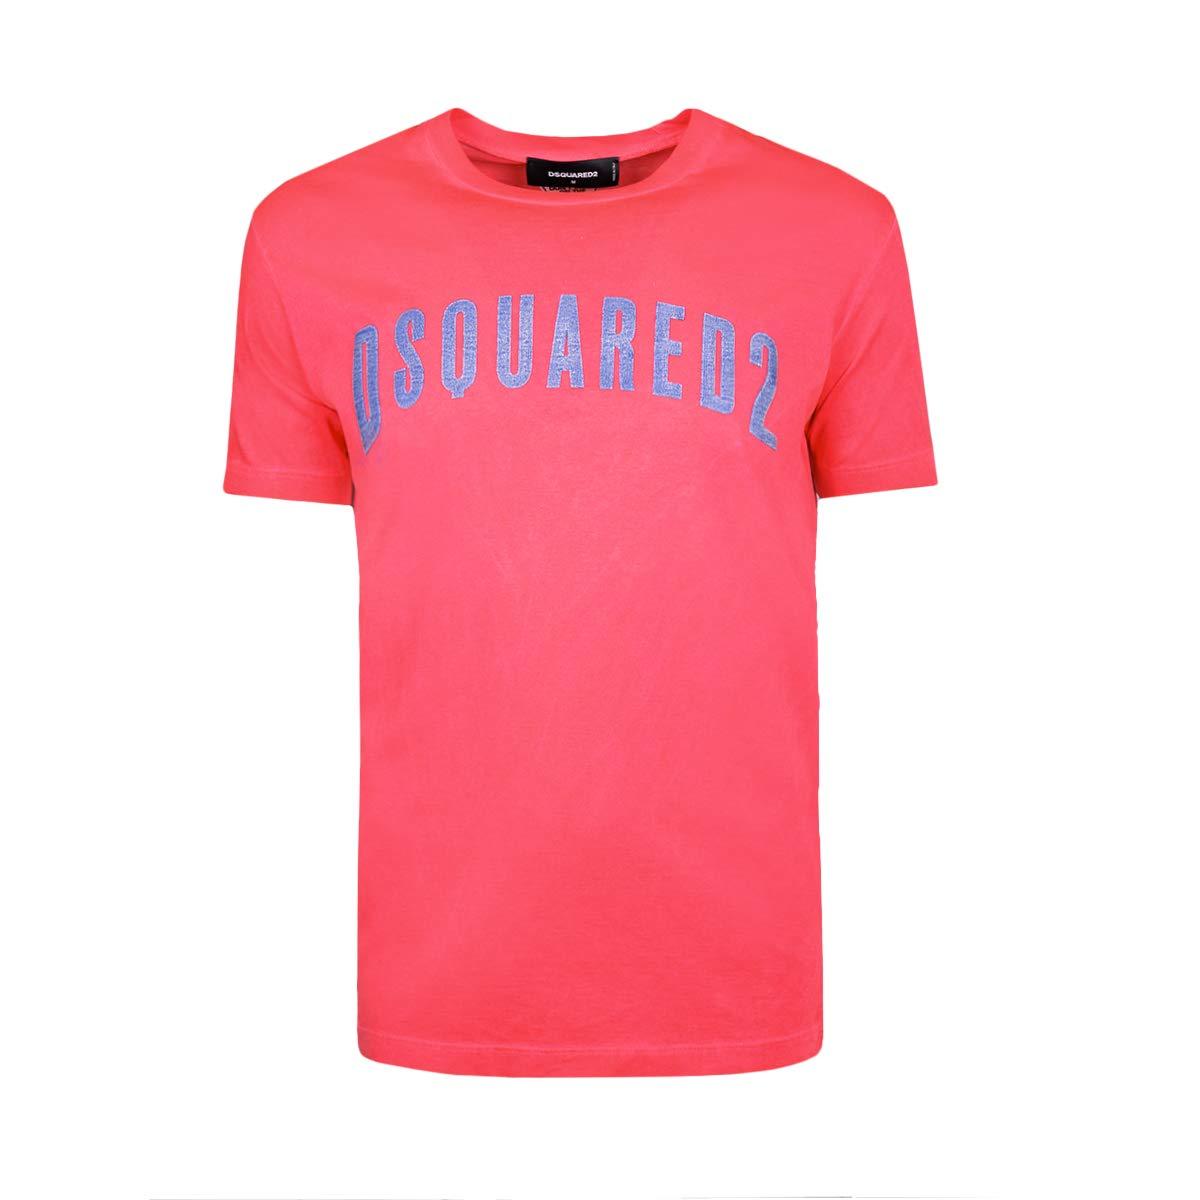 DSQUARED2 ďťżT-Shirt Uomo S74GD0211 S22427304 Rosso